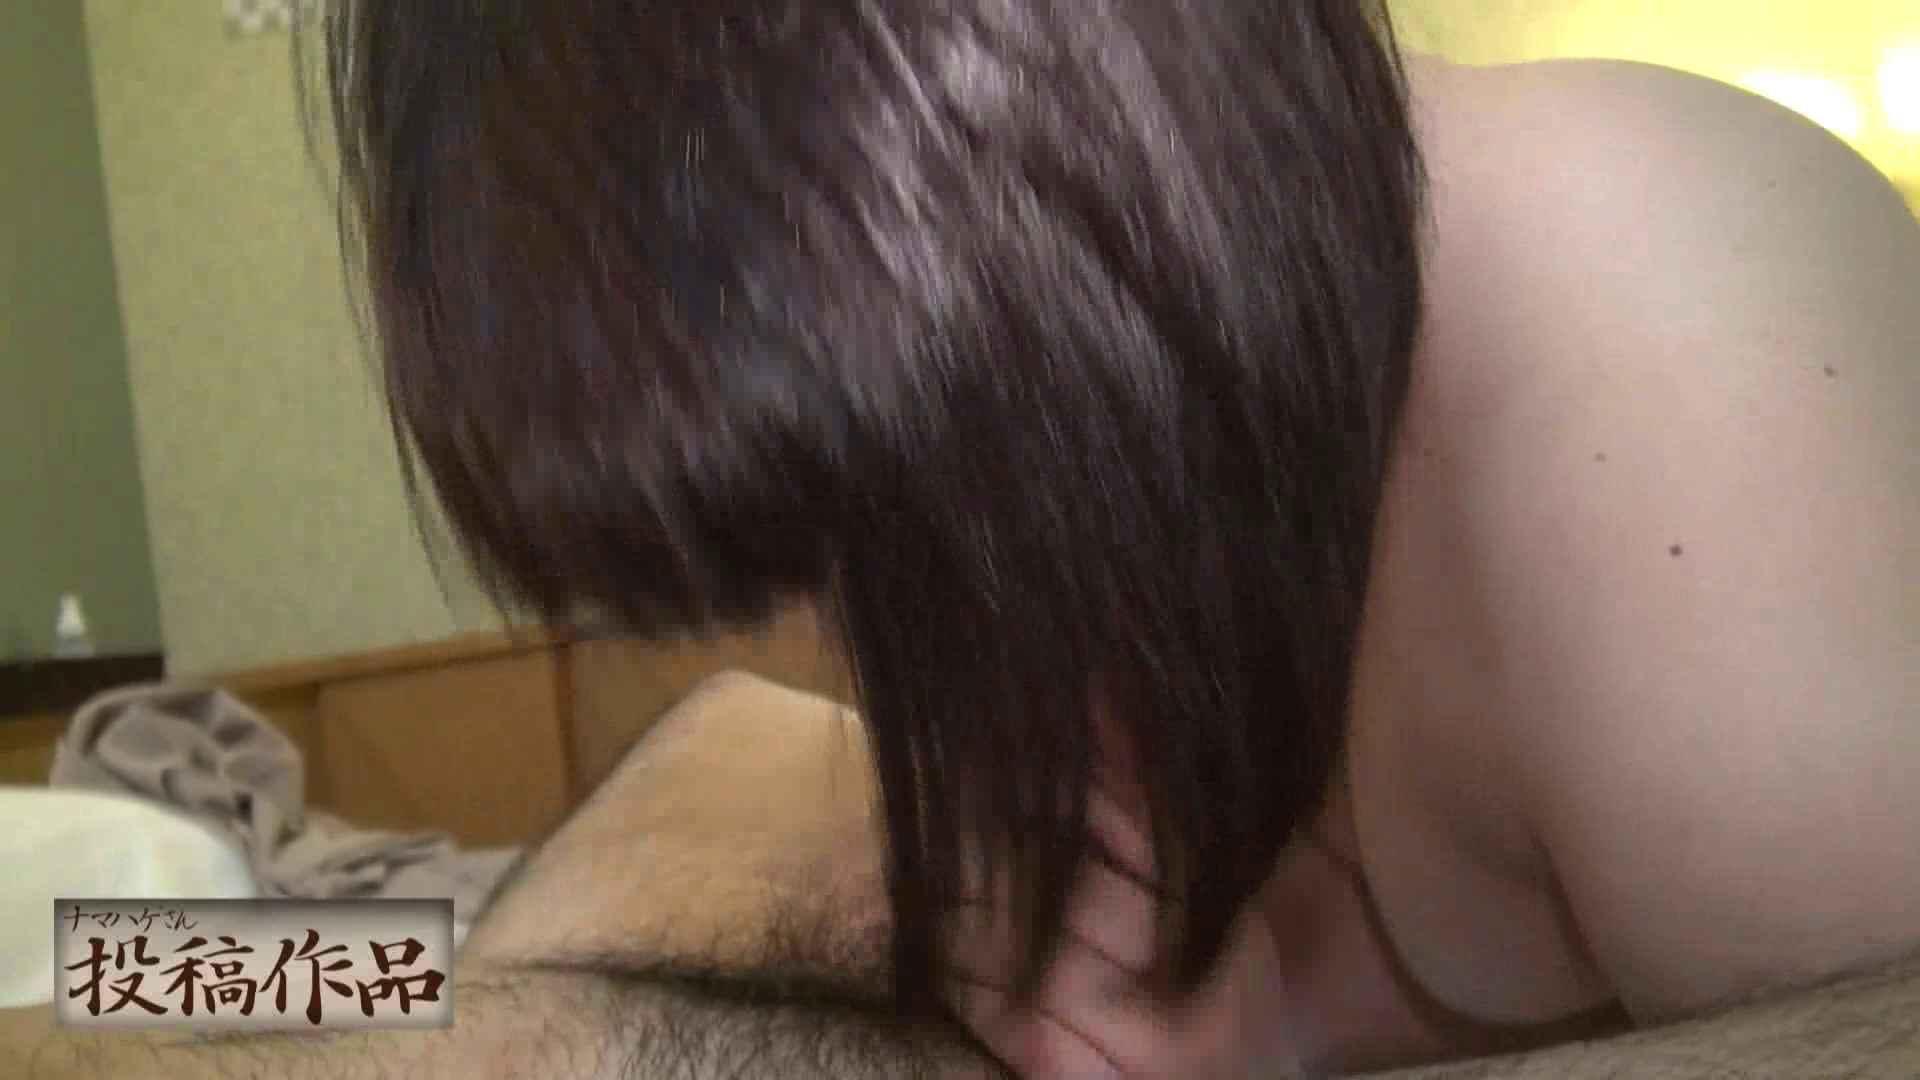 ナマハゲさんのまんこコレクション第二章 ナマハゲ naomi02 一般投稿 | 投稿  84pic 33